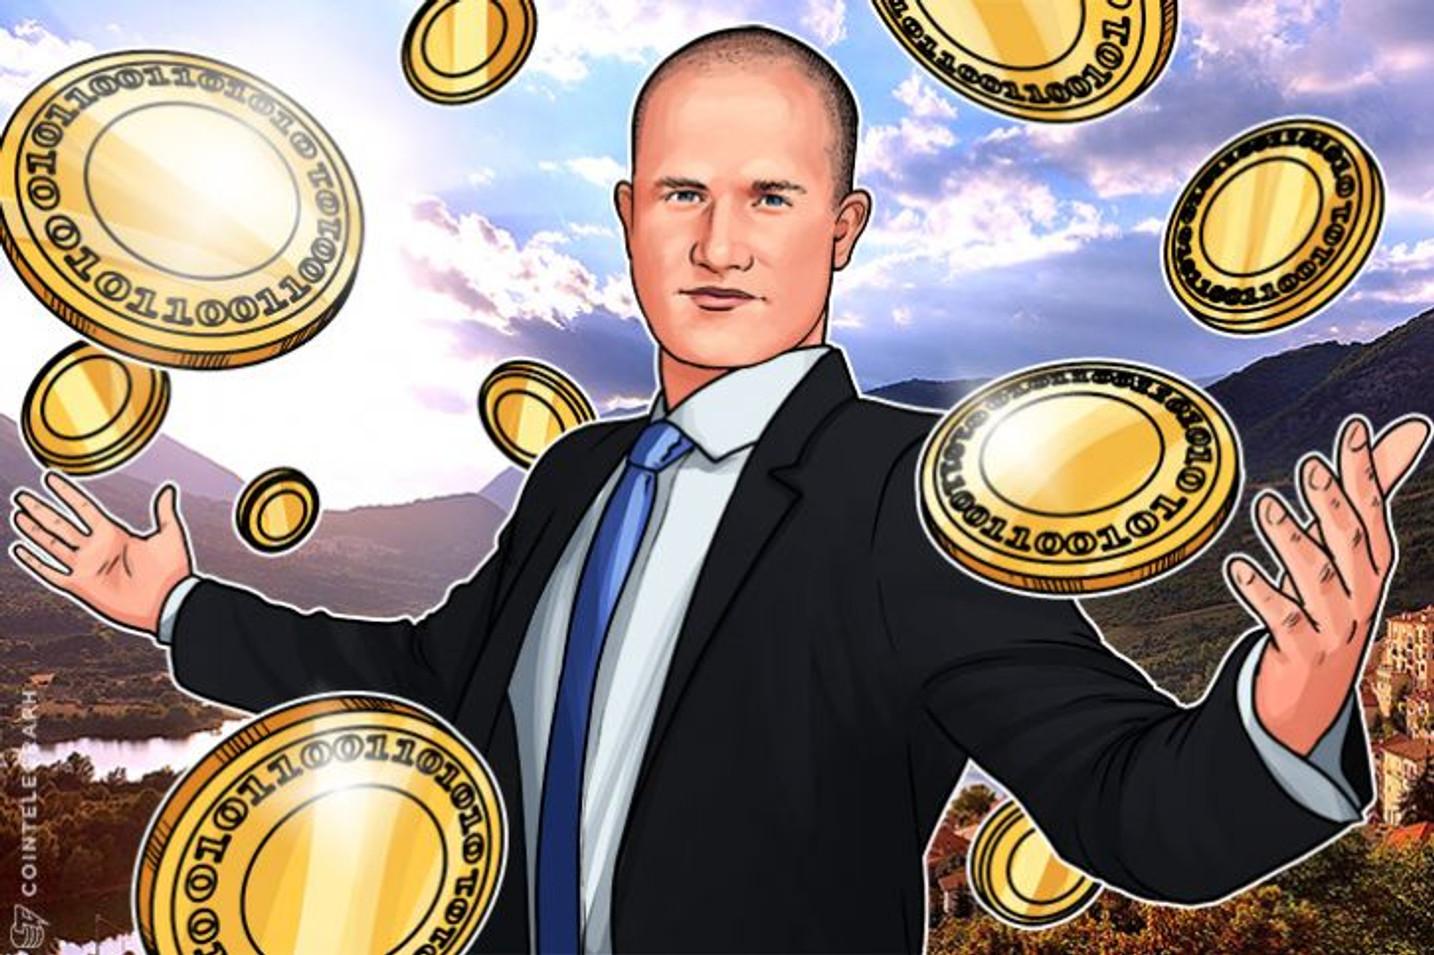 ¿SegWait-un-minuto? Coinbase parece girar en U respecto a la bifurcación dura de Bitcoin